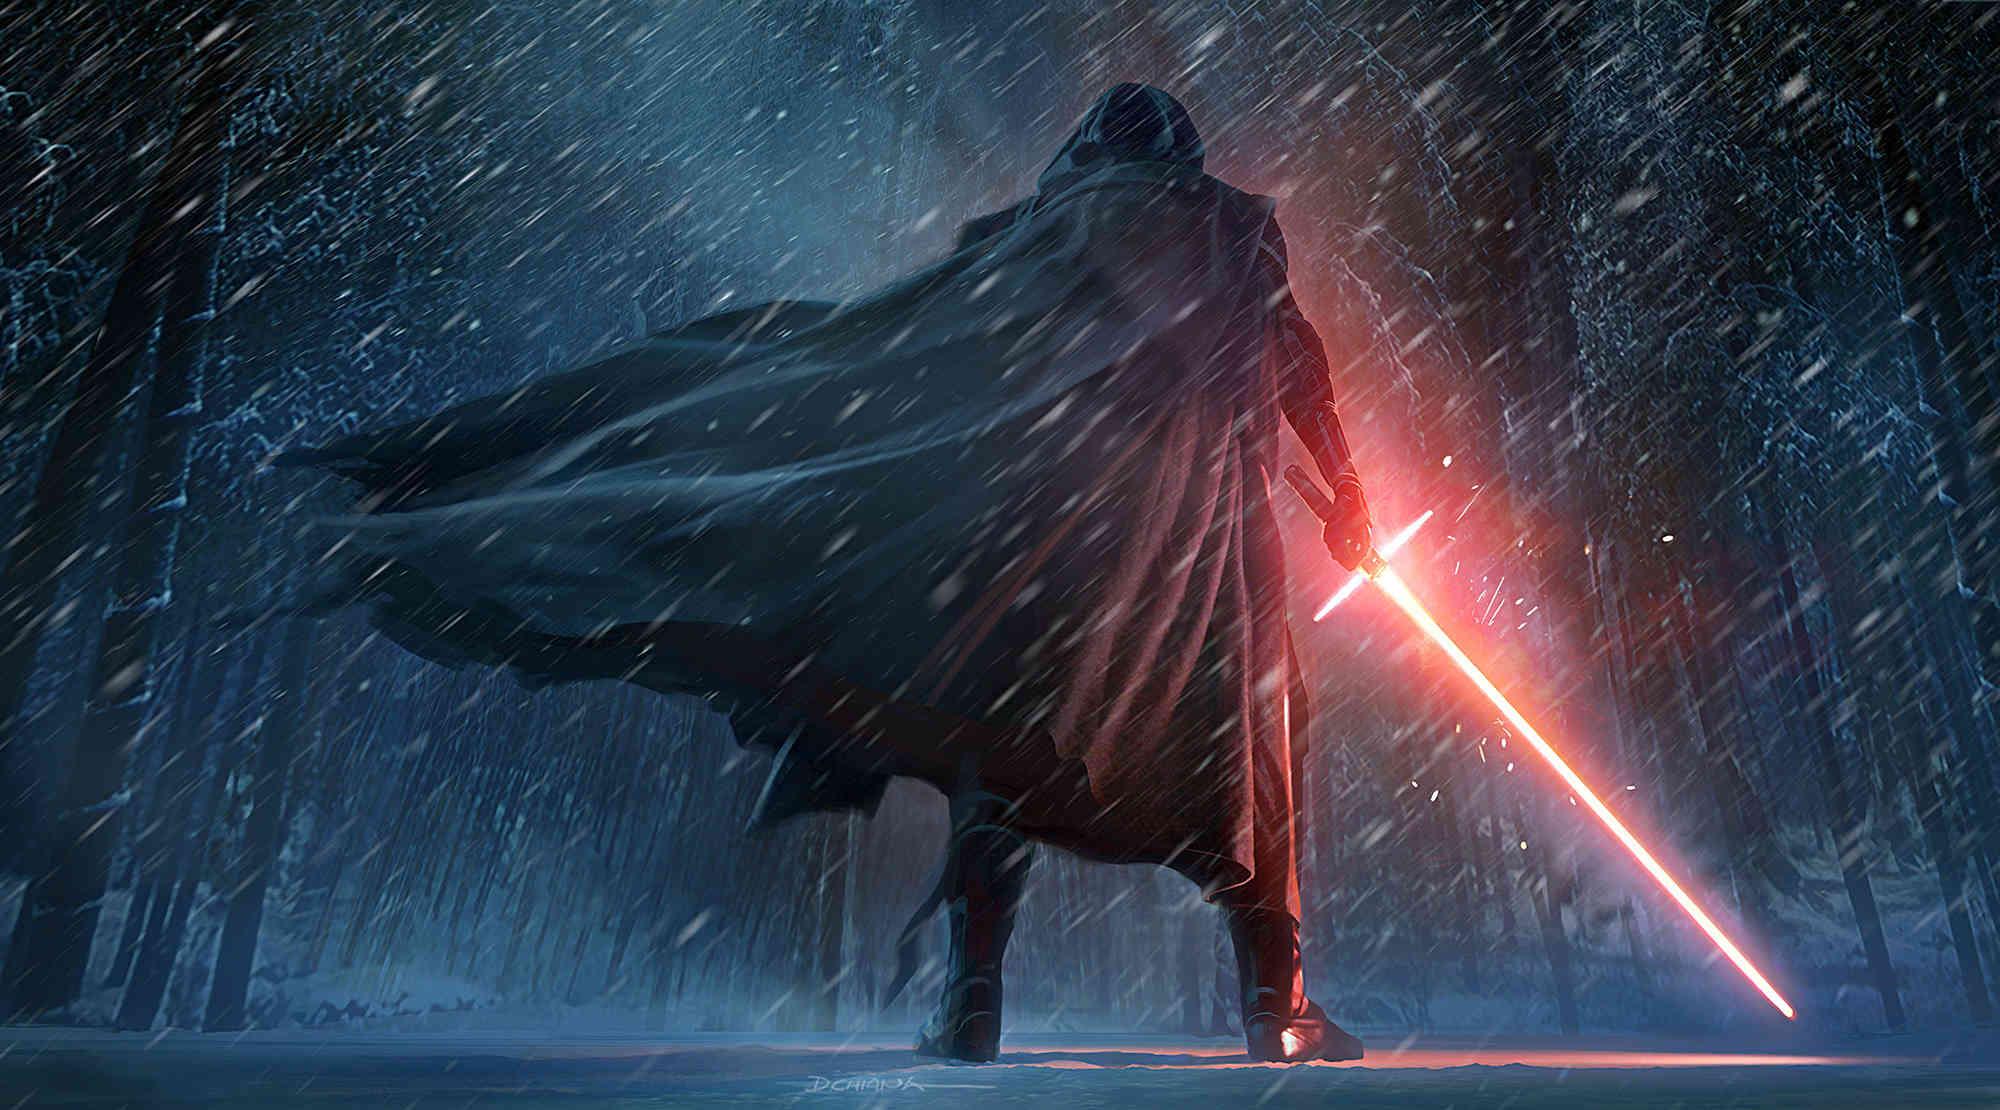 Los 10 Mejores Wallpapers De Star Wars Tutoriales Y